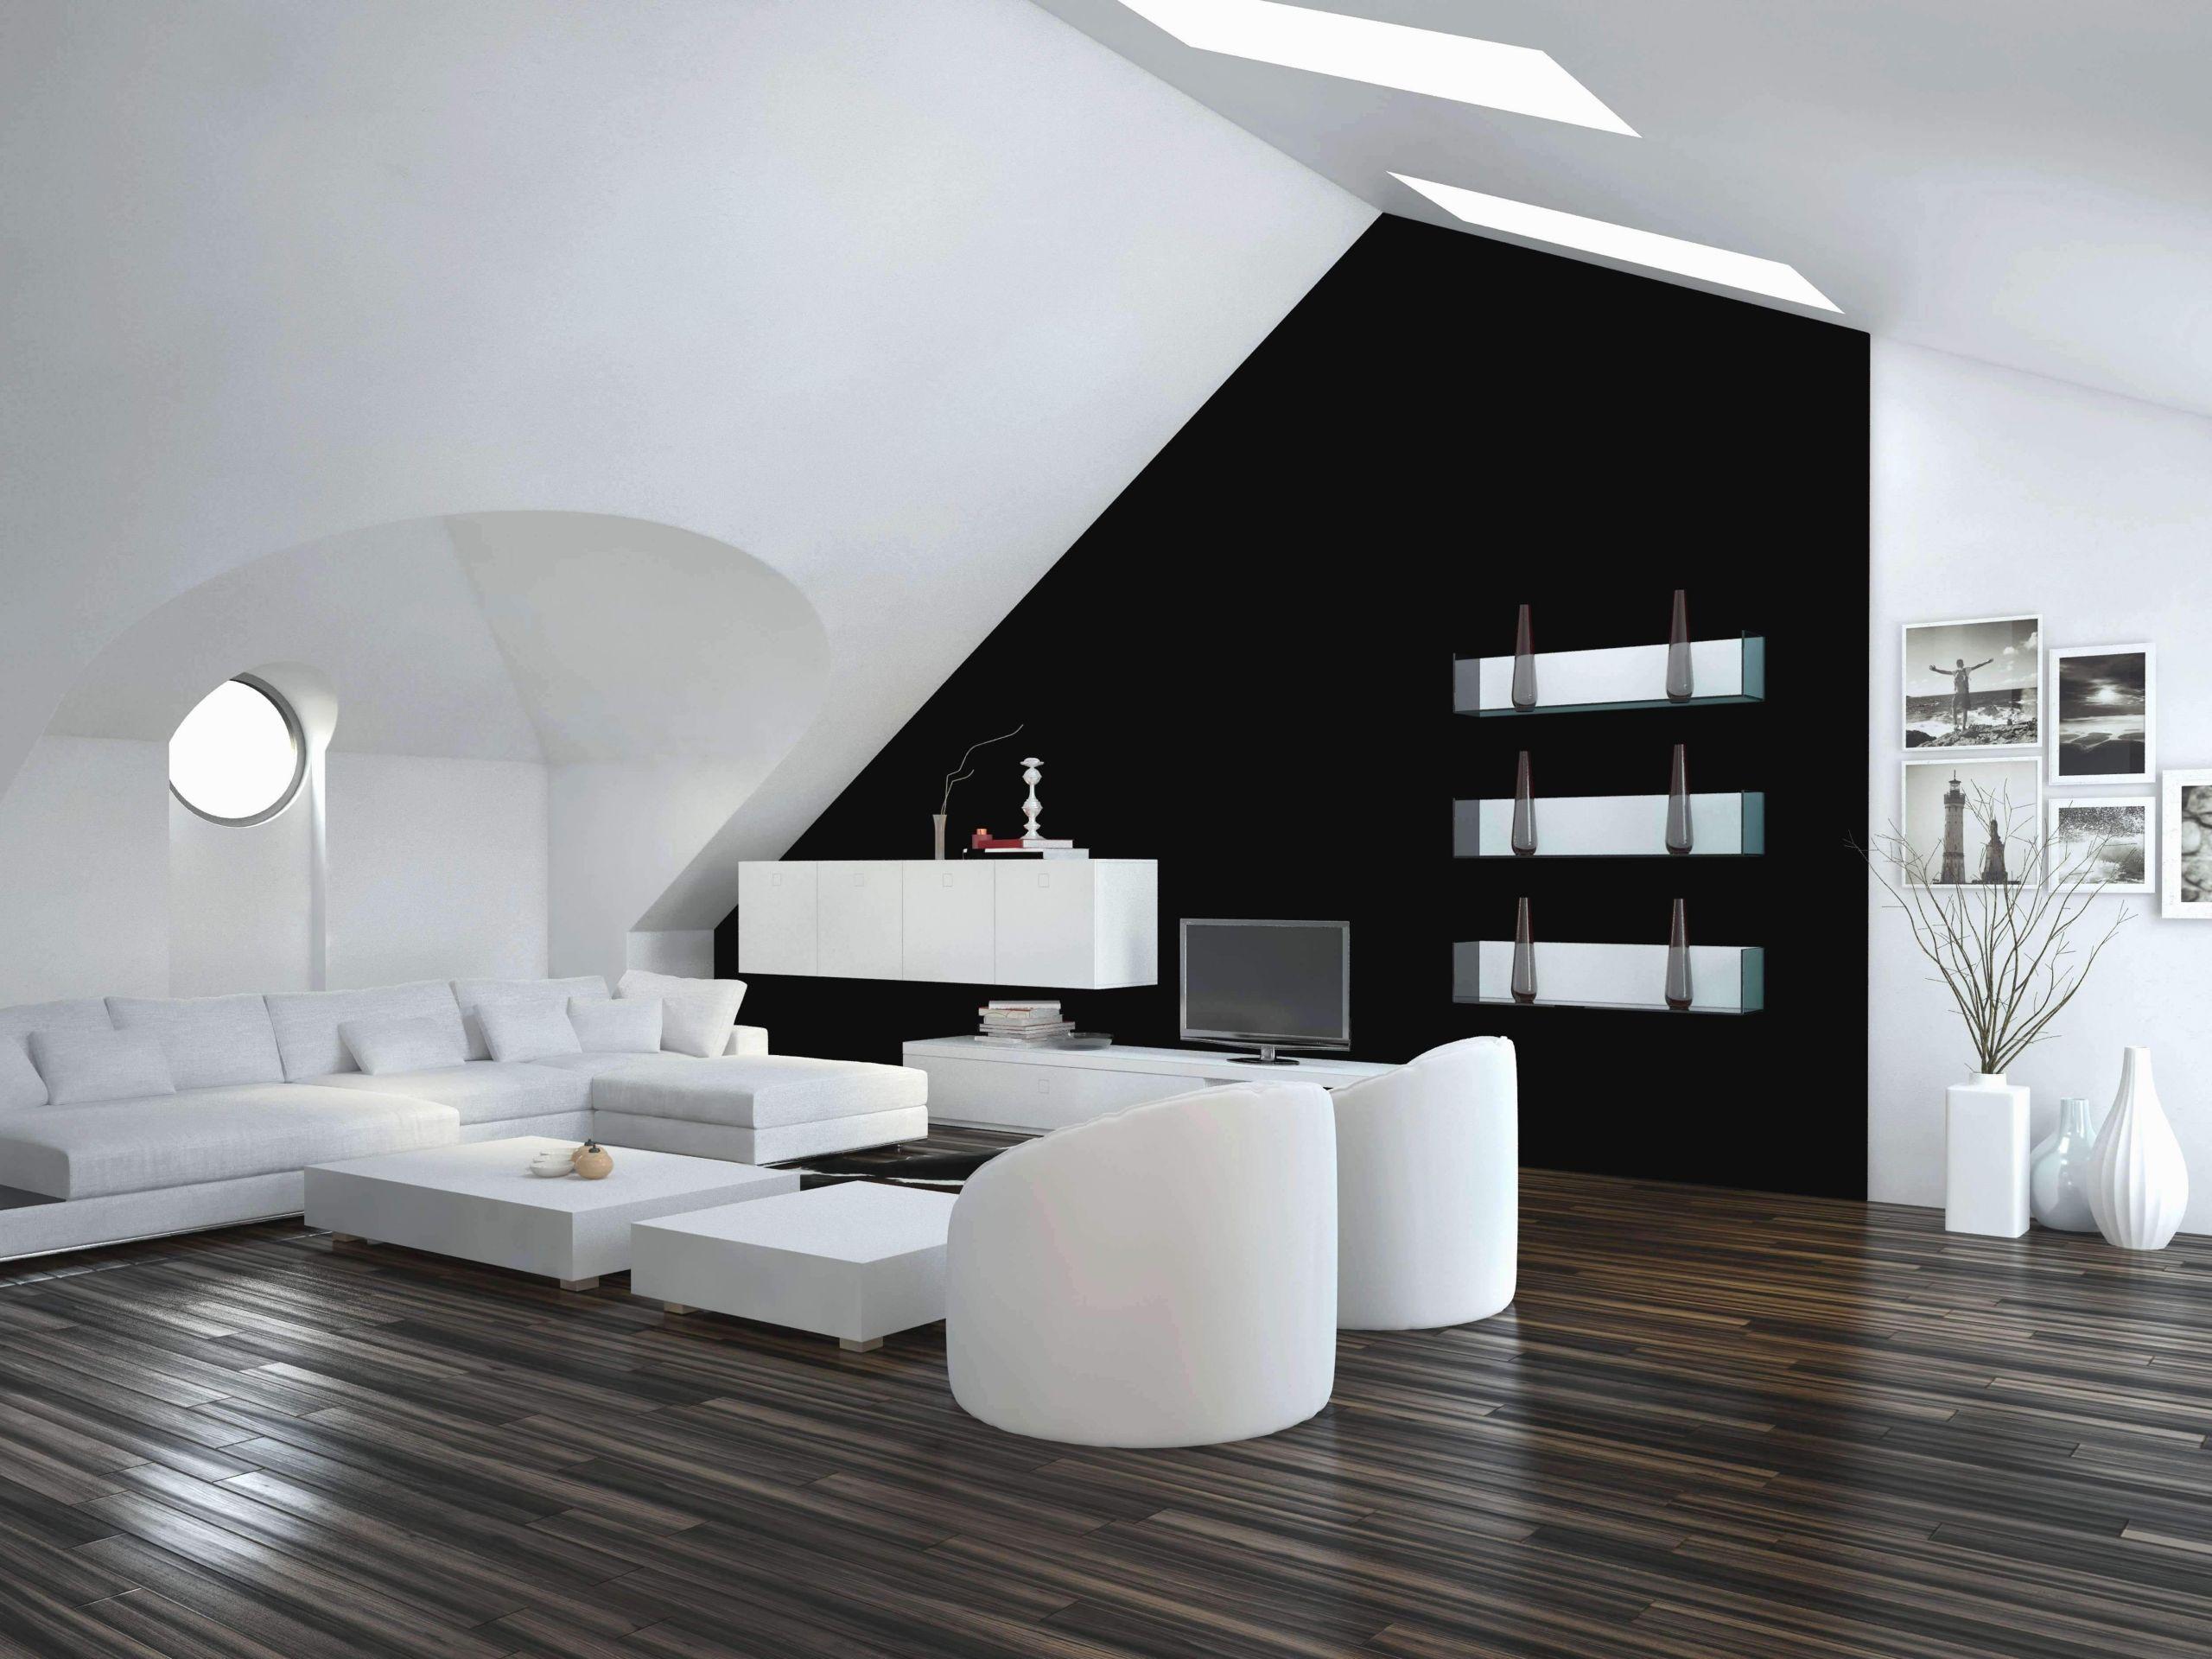 Wanddeko Ideen Selbermachen Inspirierend 34 Neu Wanddeko Ideen Wohnzimmer Reizend